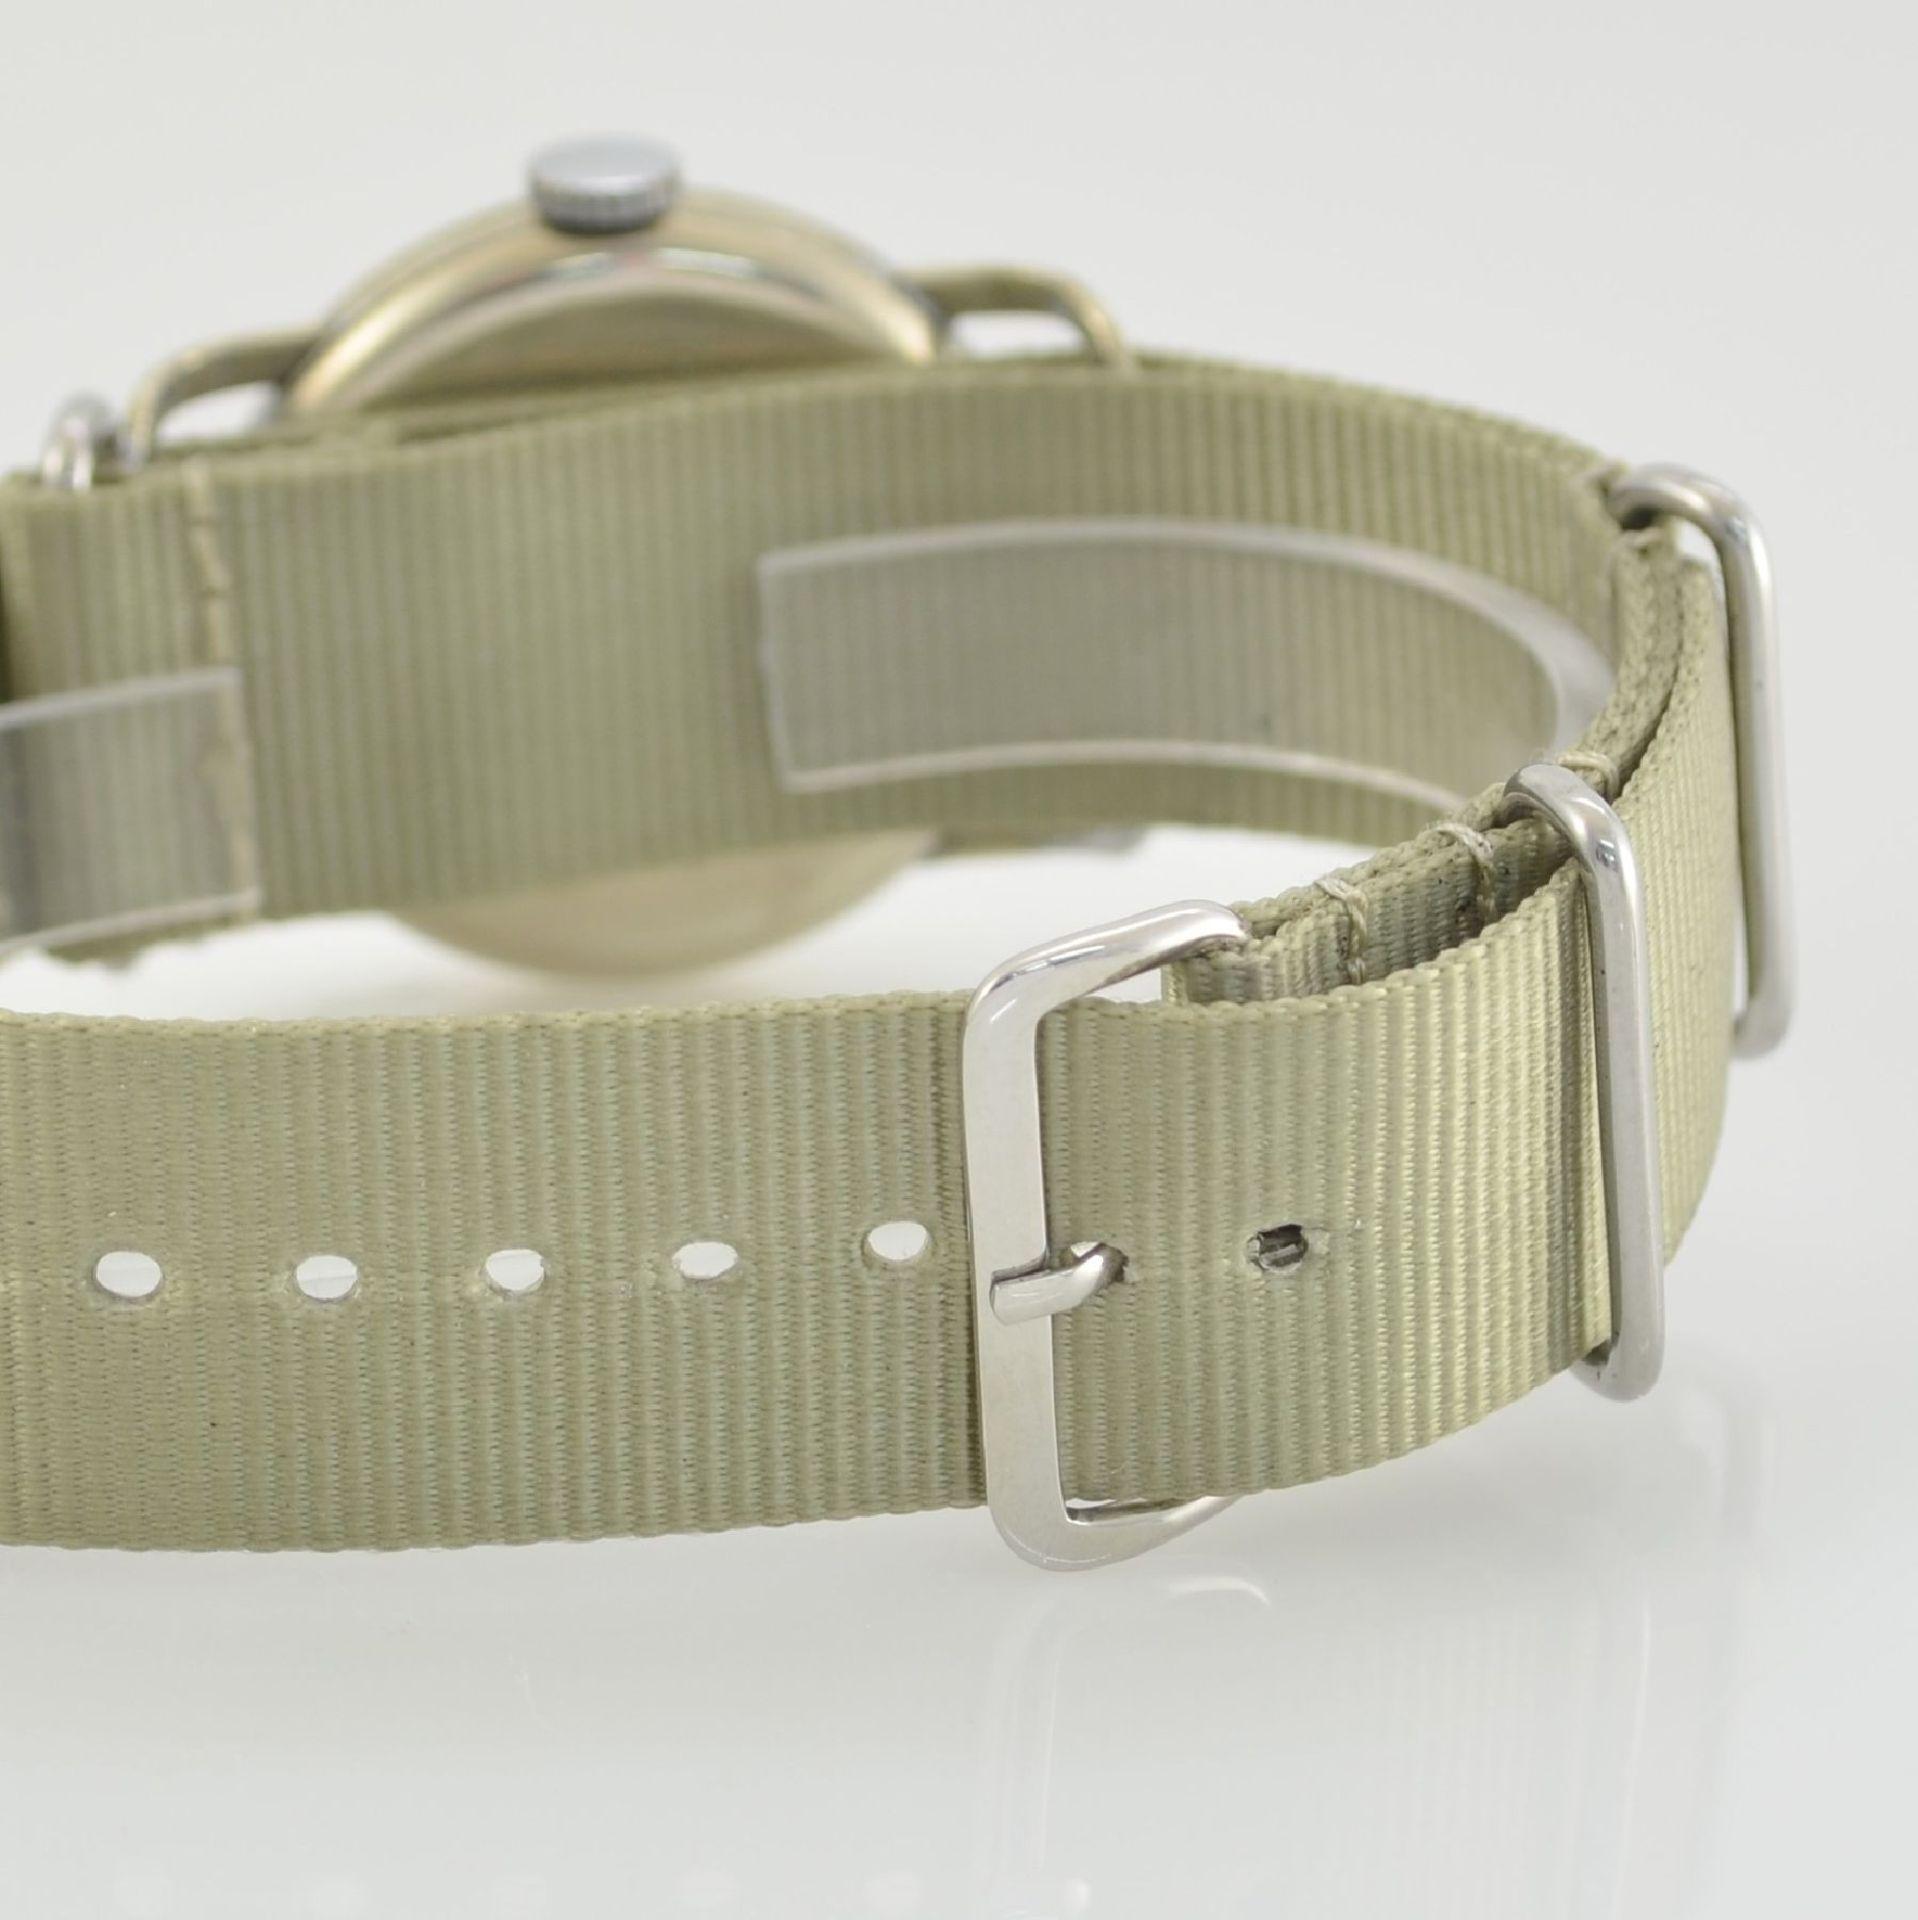 MERBEND WATCH Spezial Antimagnetic Schockabsorber Armbanduhr im Fliegerdesign, Schweiz um 1935, - Bild 5 aus 6